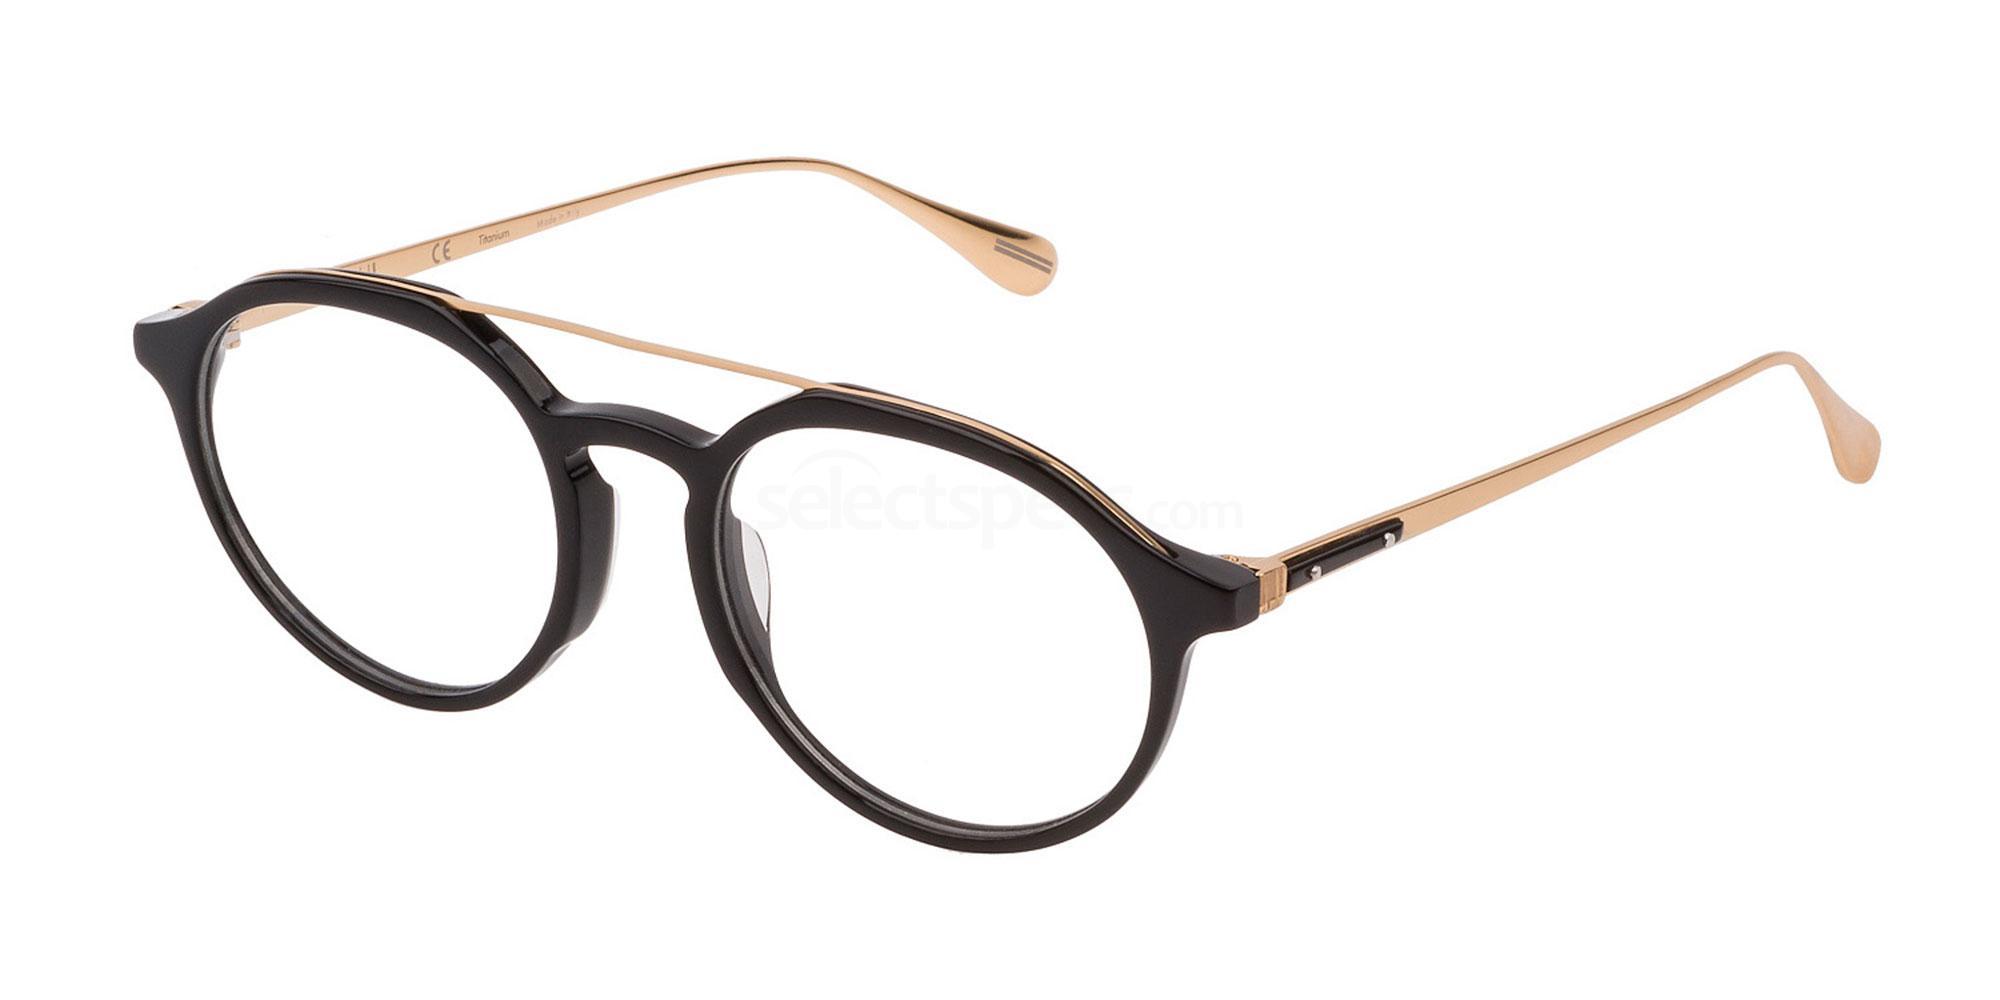 0700 VDH164M Glasses, Dunhill London